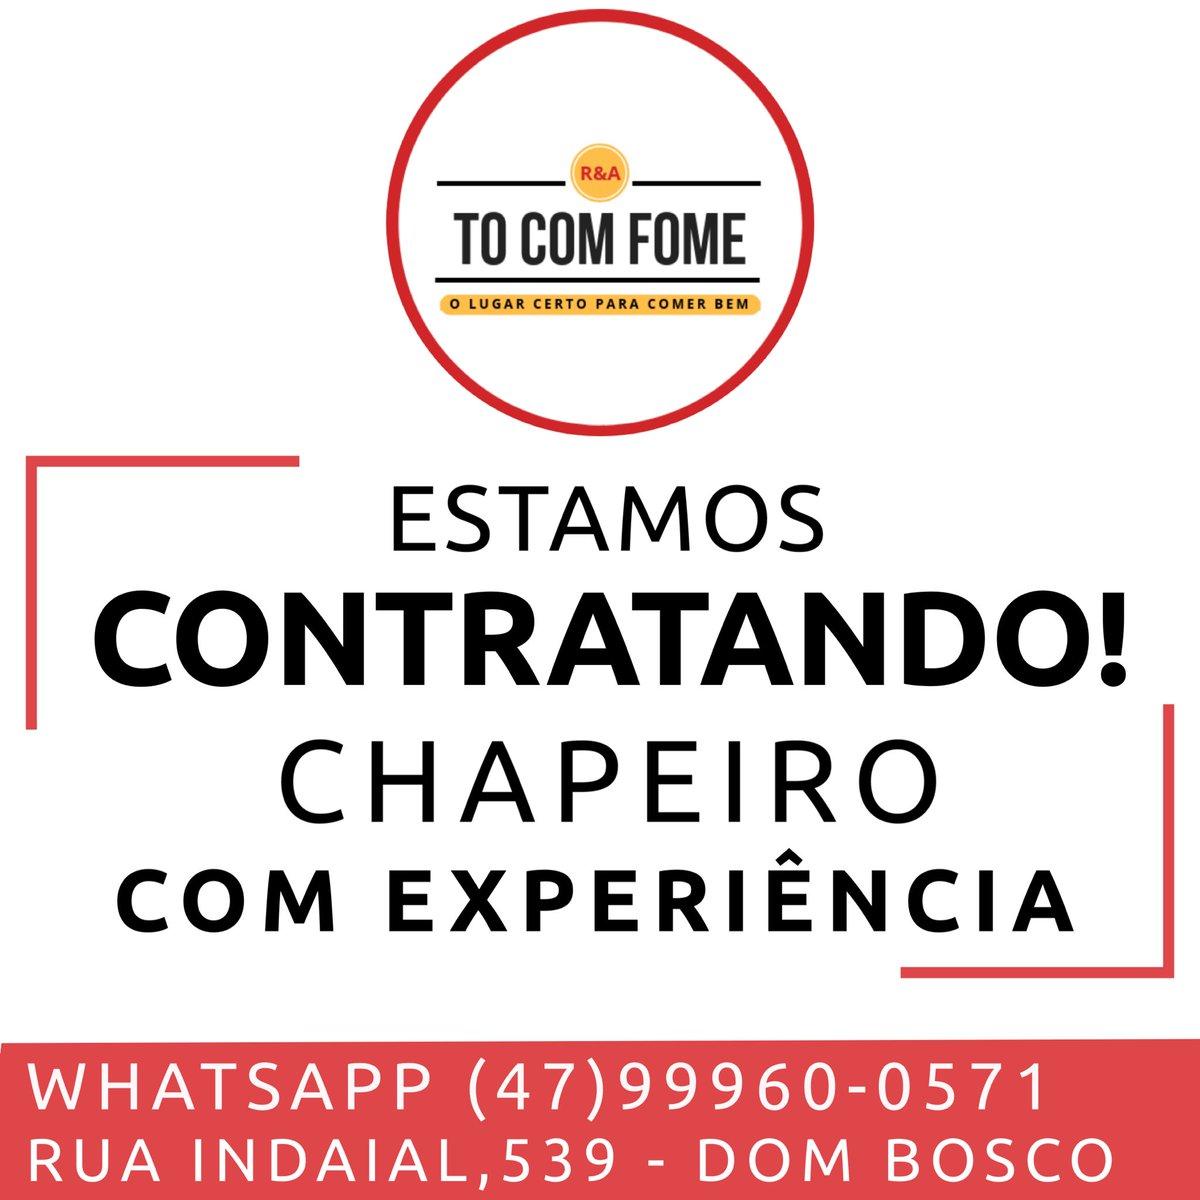 Viemos por meio desse post informa-los que estamos contratando chapeiro (masculino) com experiência, nos envie o currículo pelo e-mail: tocomfomeitajai@gmail.com e pelo WhatsApp: (47) 99960-0571 #chapeiro #vagadeemprego #empregositajaí #lanchonete  Ajudem a divulgar, deem rt pic.twitter.com/oNWnAmFtKm